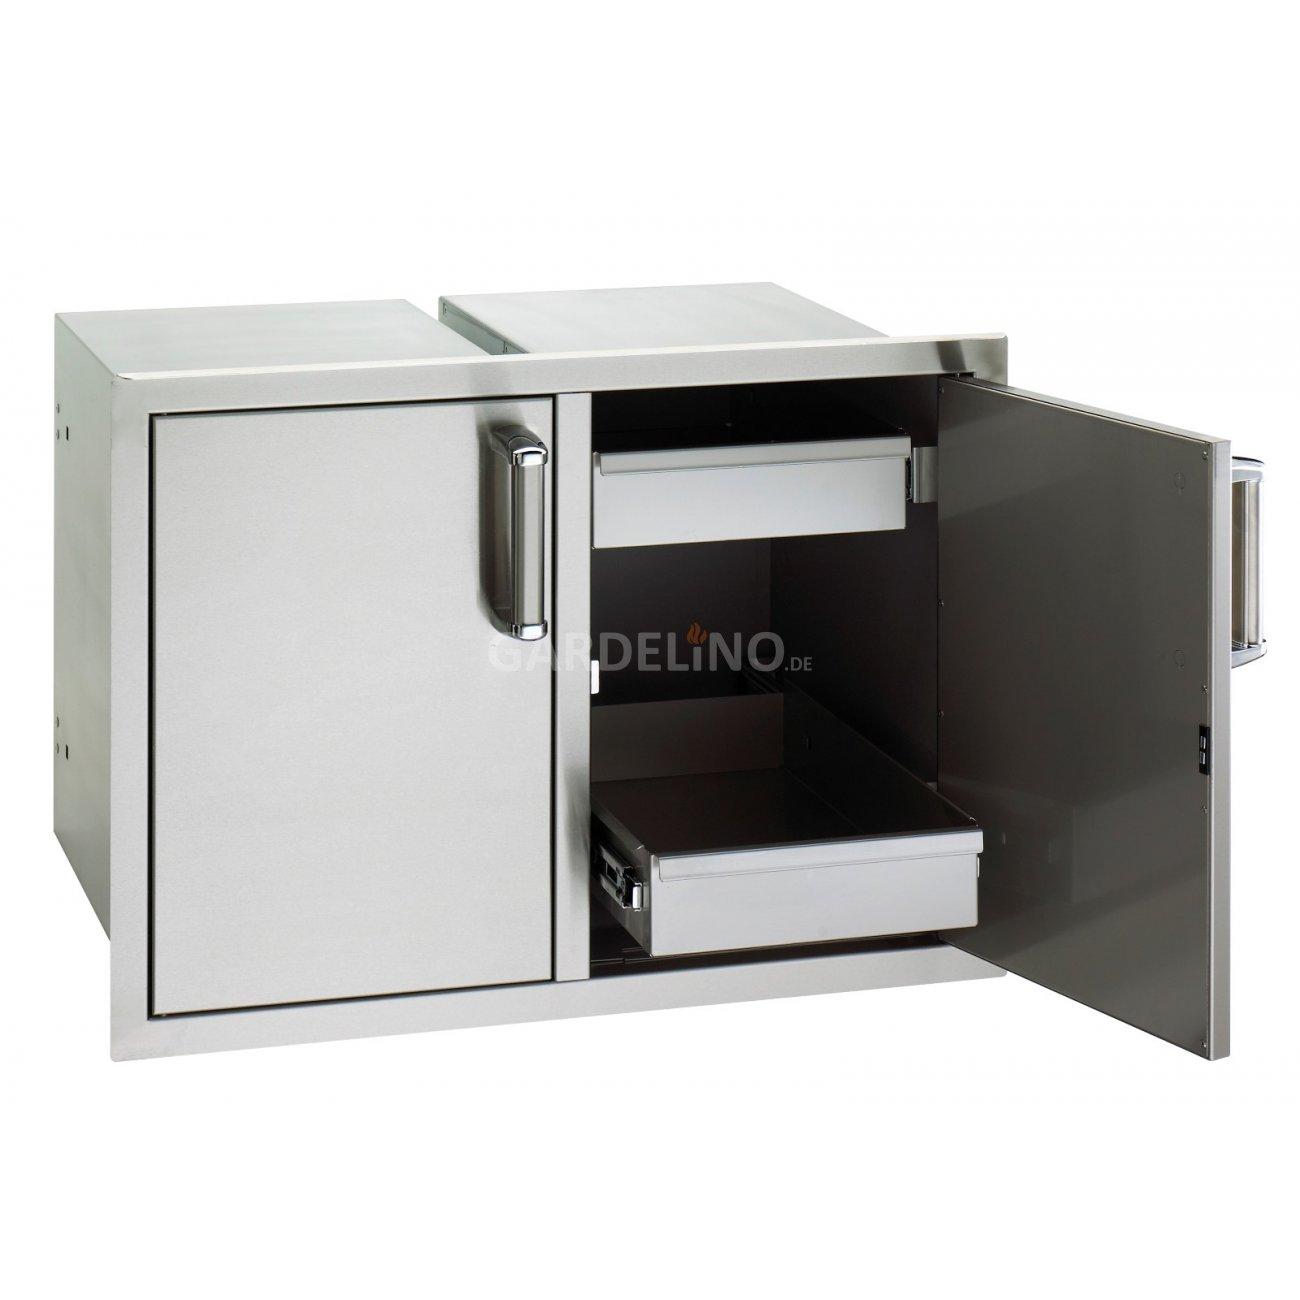 fire magic einbauschrank mit schubladen f r outdoork chen. Black Bedroom Furniture Sets. Home Design Ideas